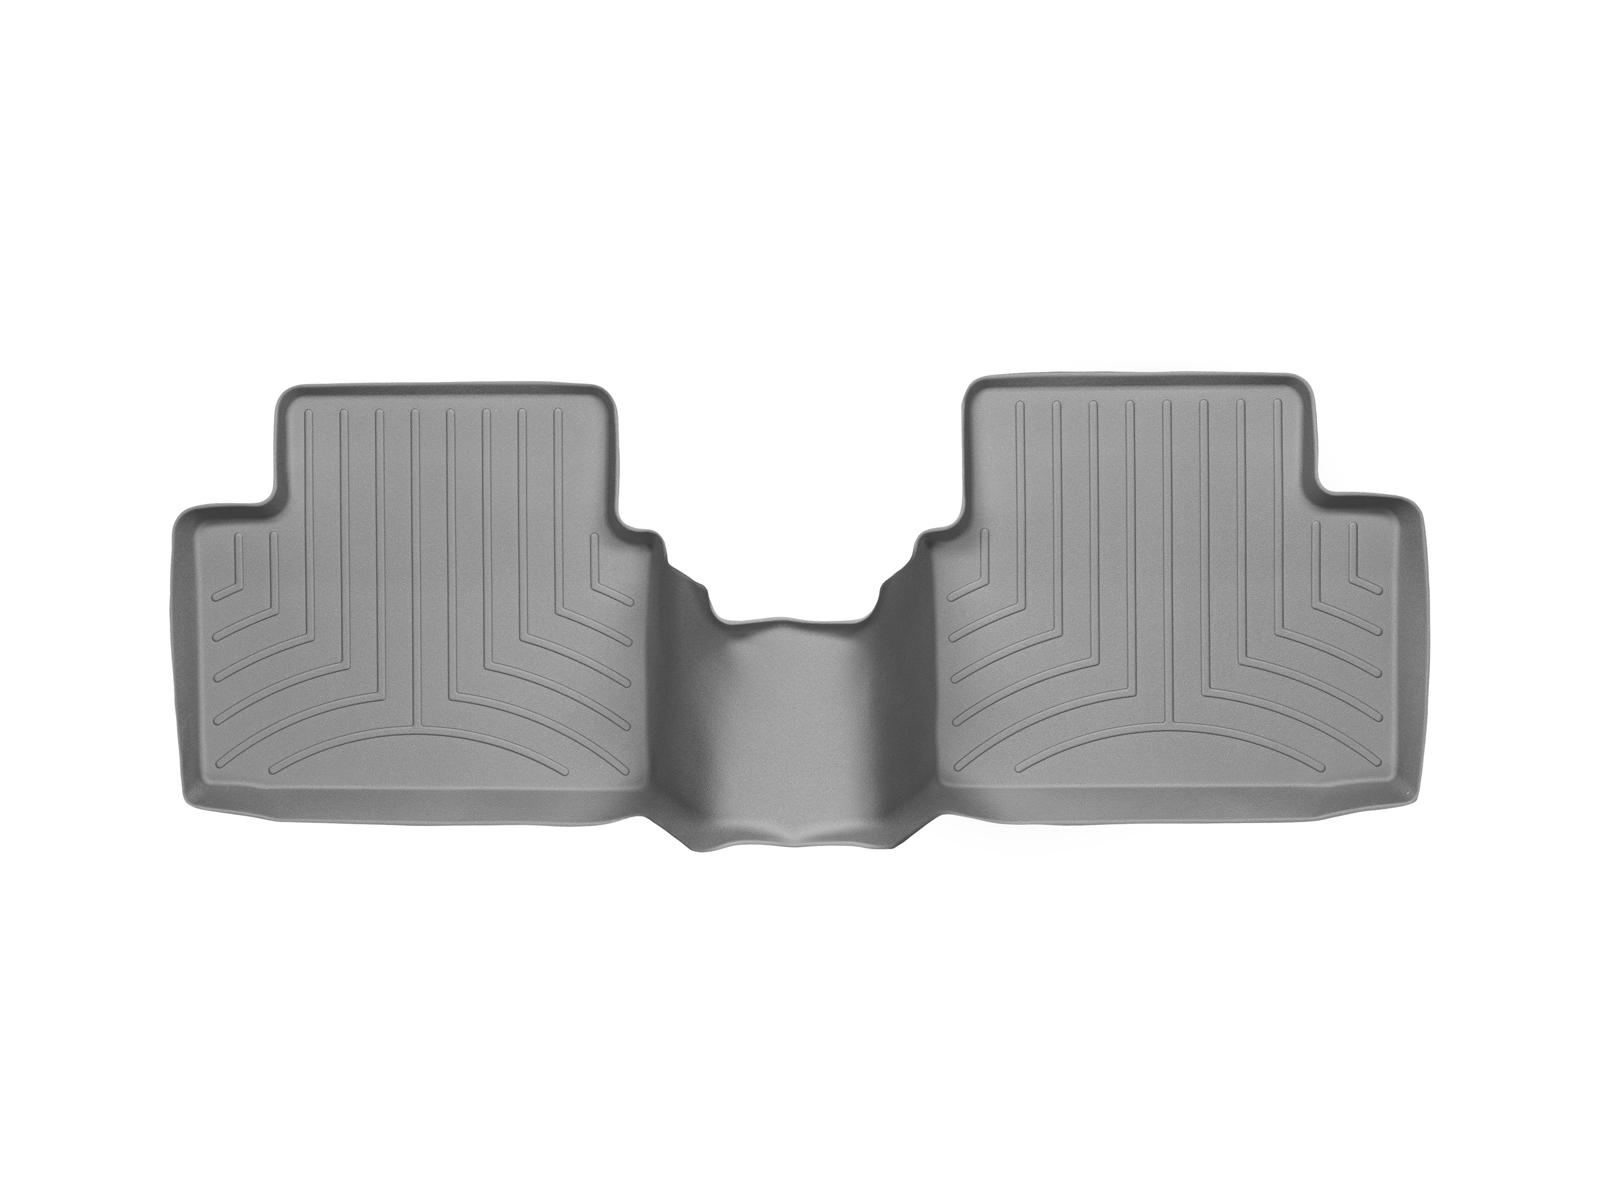 Tappeti gomma su misura bordo alto Chevrolet Malibu 13>15 Grigio A143